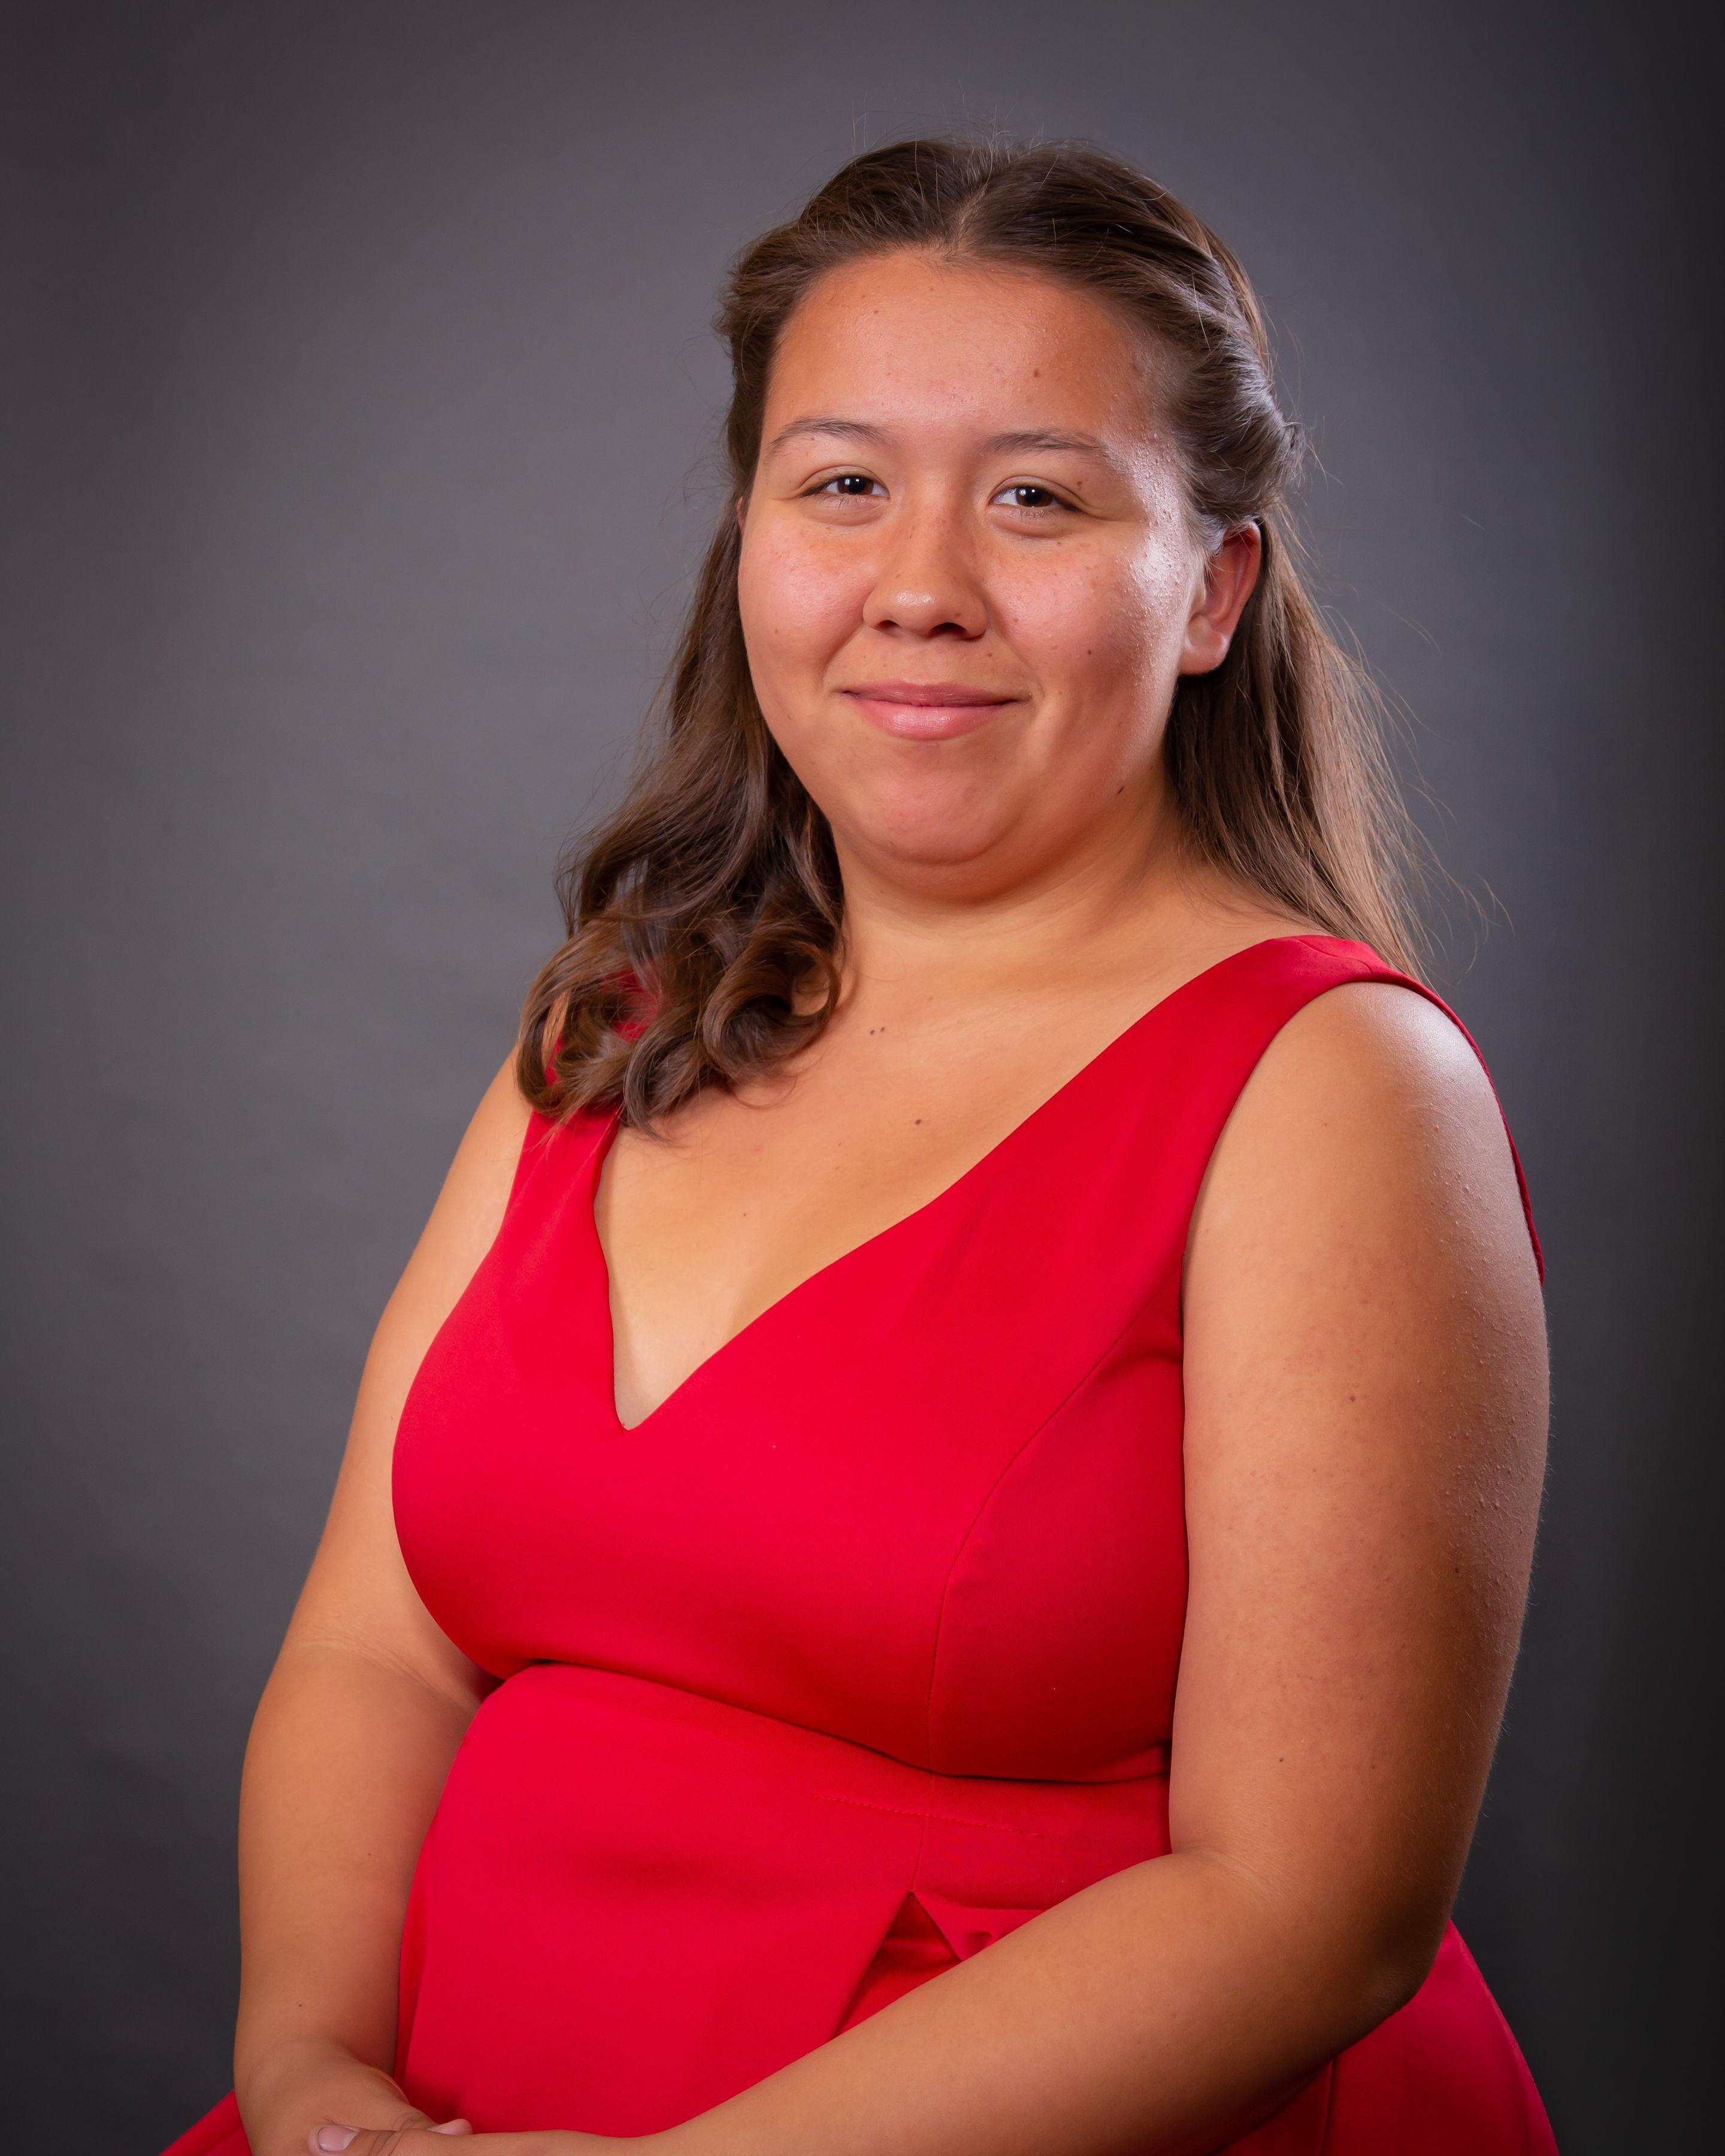 Mikayla Valdez